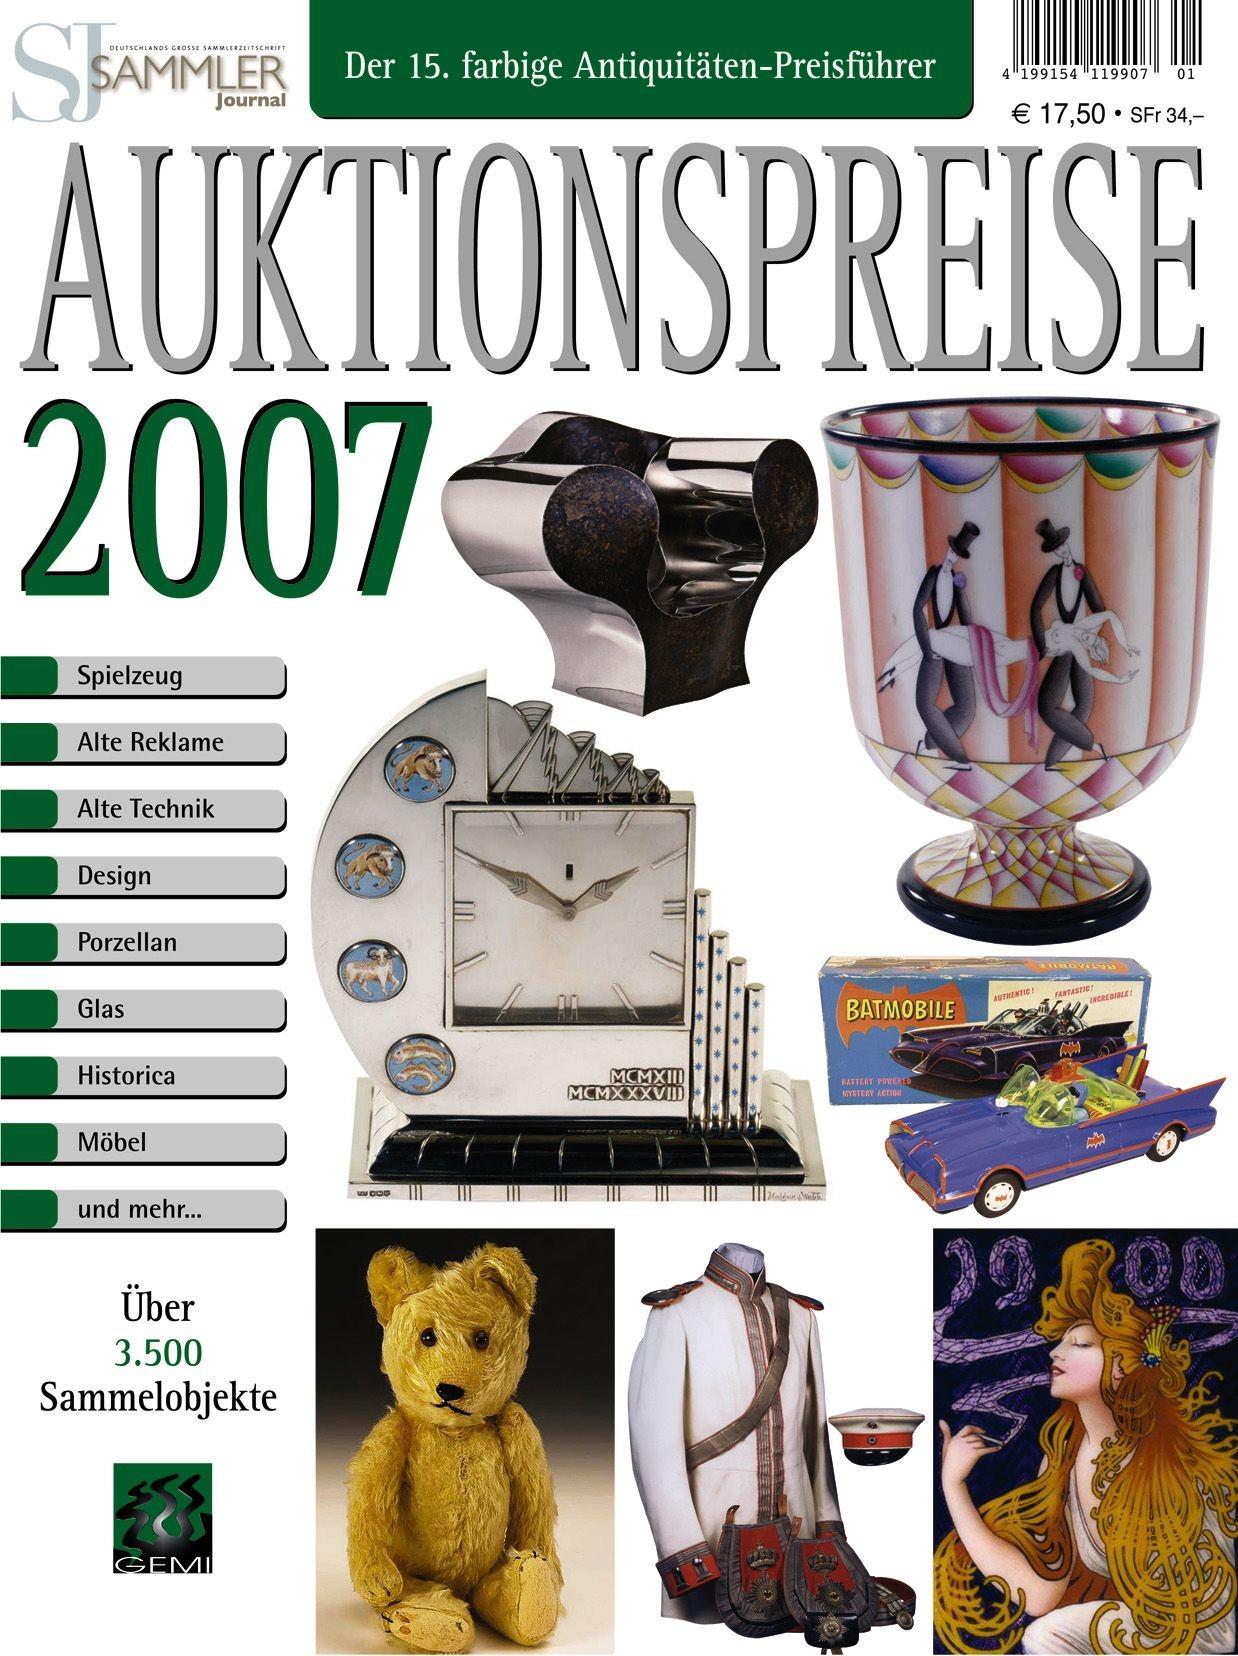 Auktionspreise 2007 Der 15. farbige Antiquitätenführer